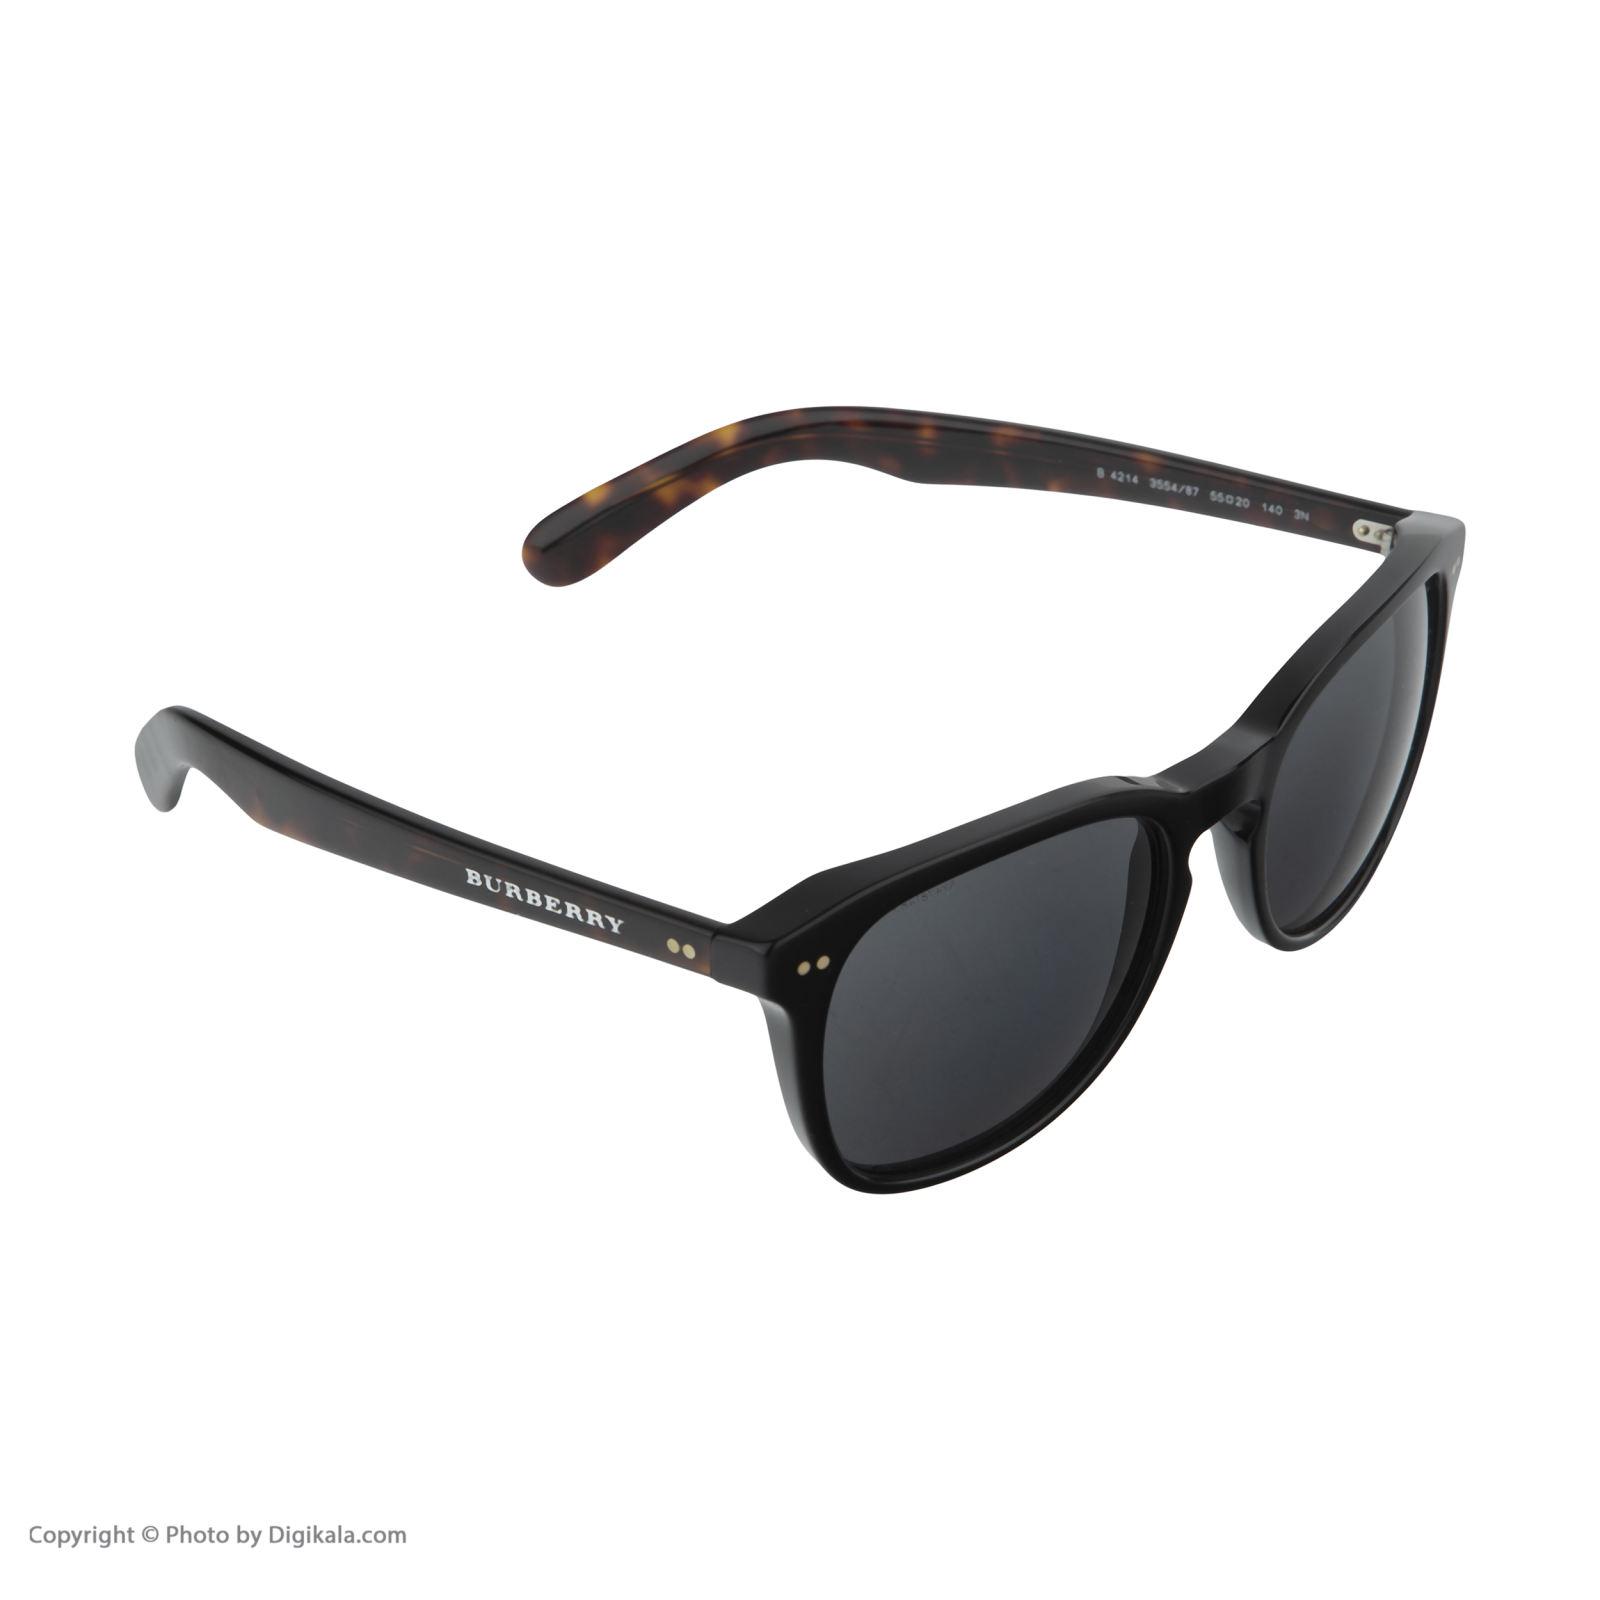 عینک آفتابی مردانه بربری مدل BE 4214S 355487 55 -  - 4